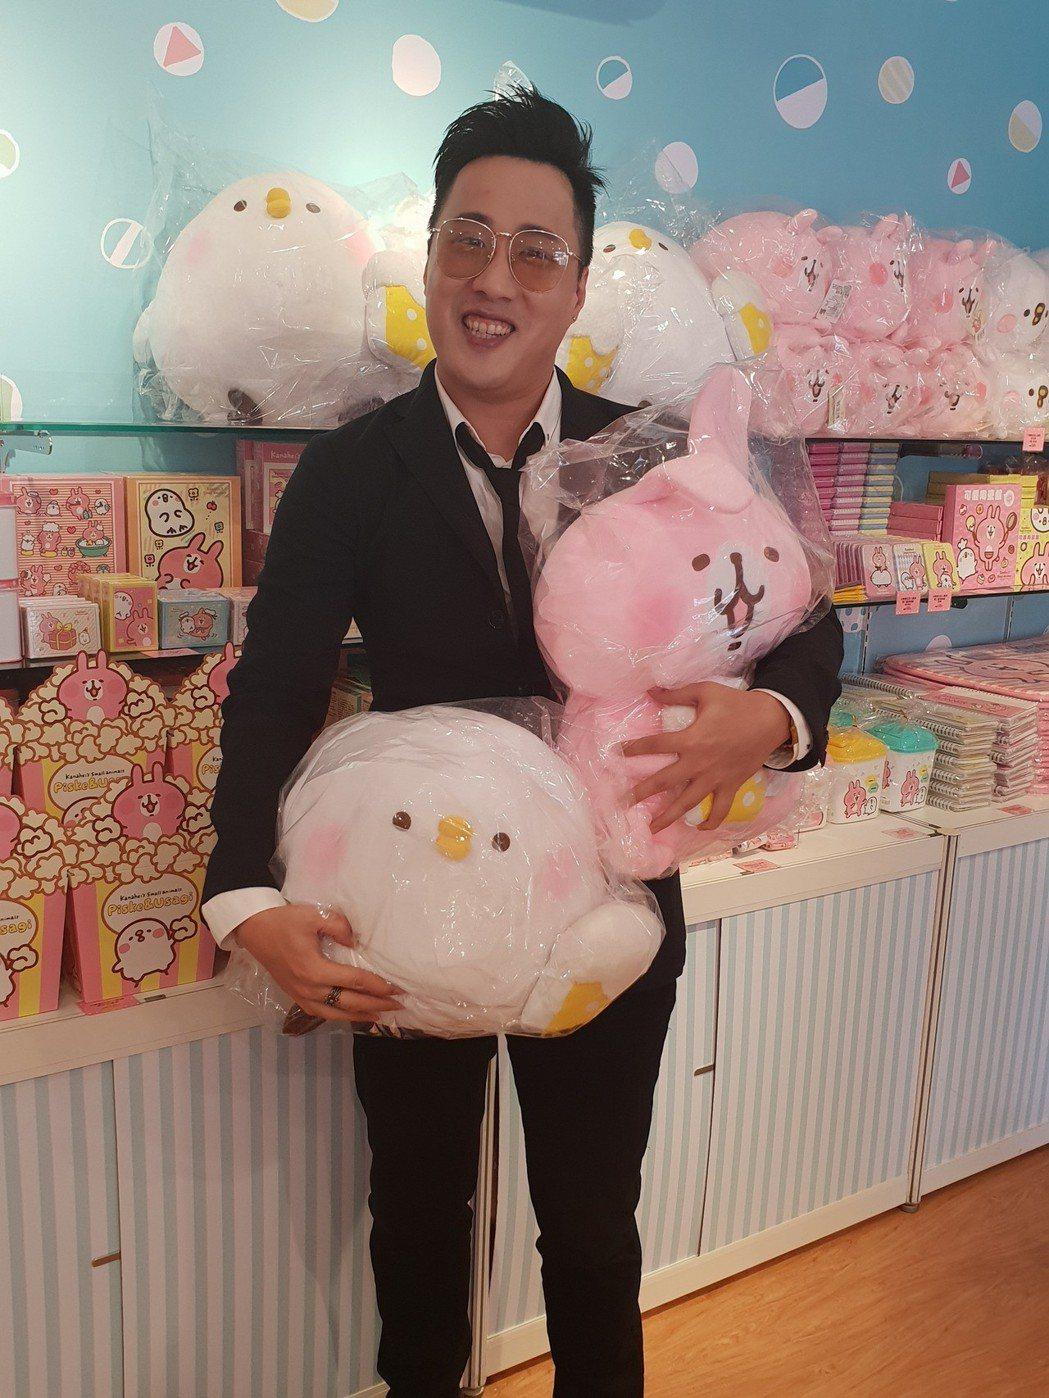 余祥銓公司代理引進卡赫娜拉快閃店。記者李姿瑩/攝影